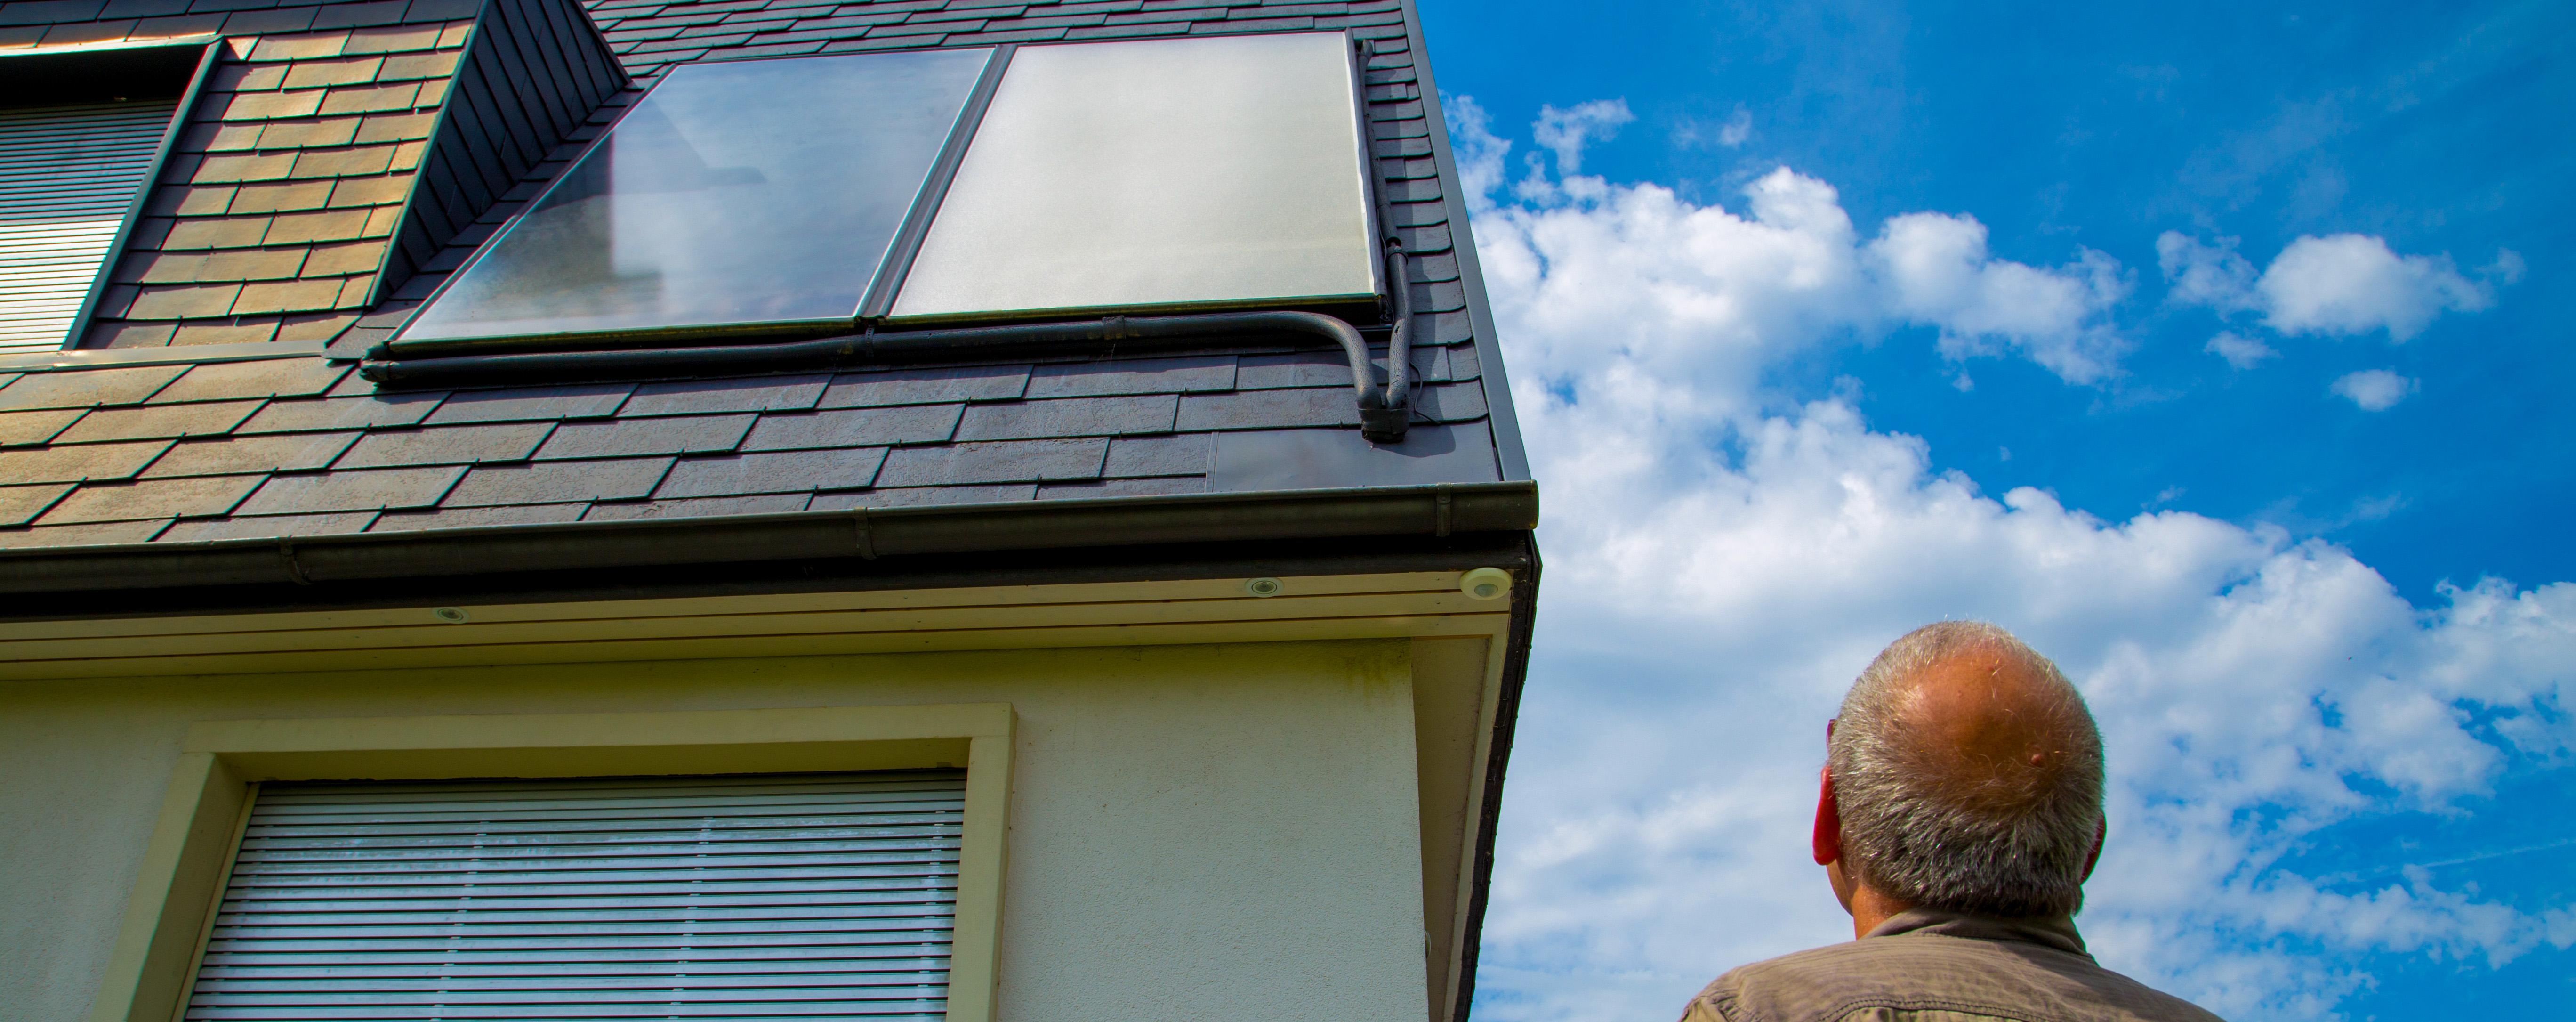 Solaranlagenchecks